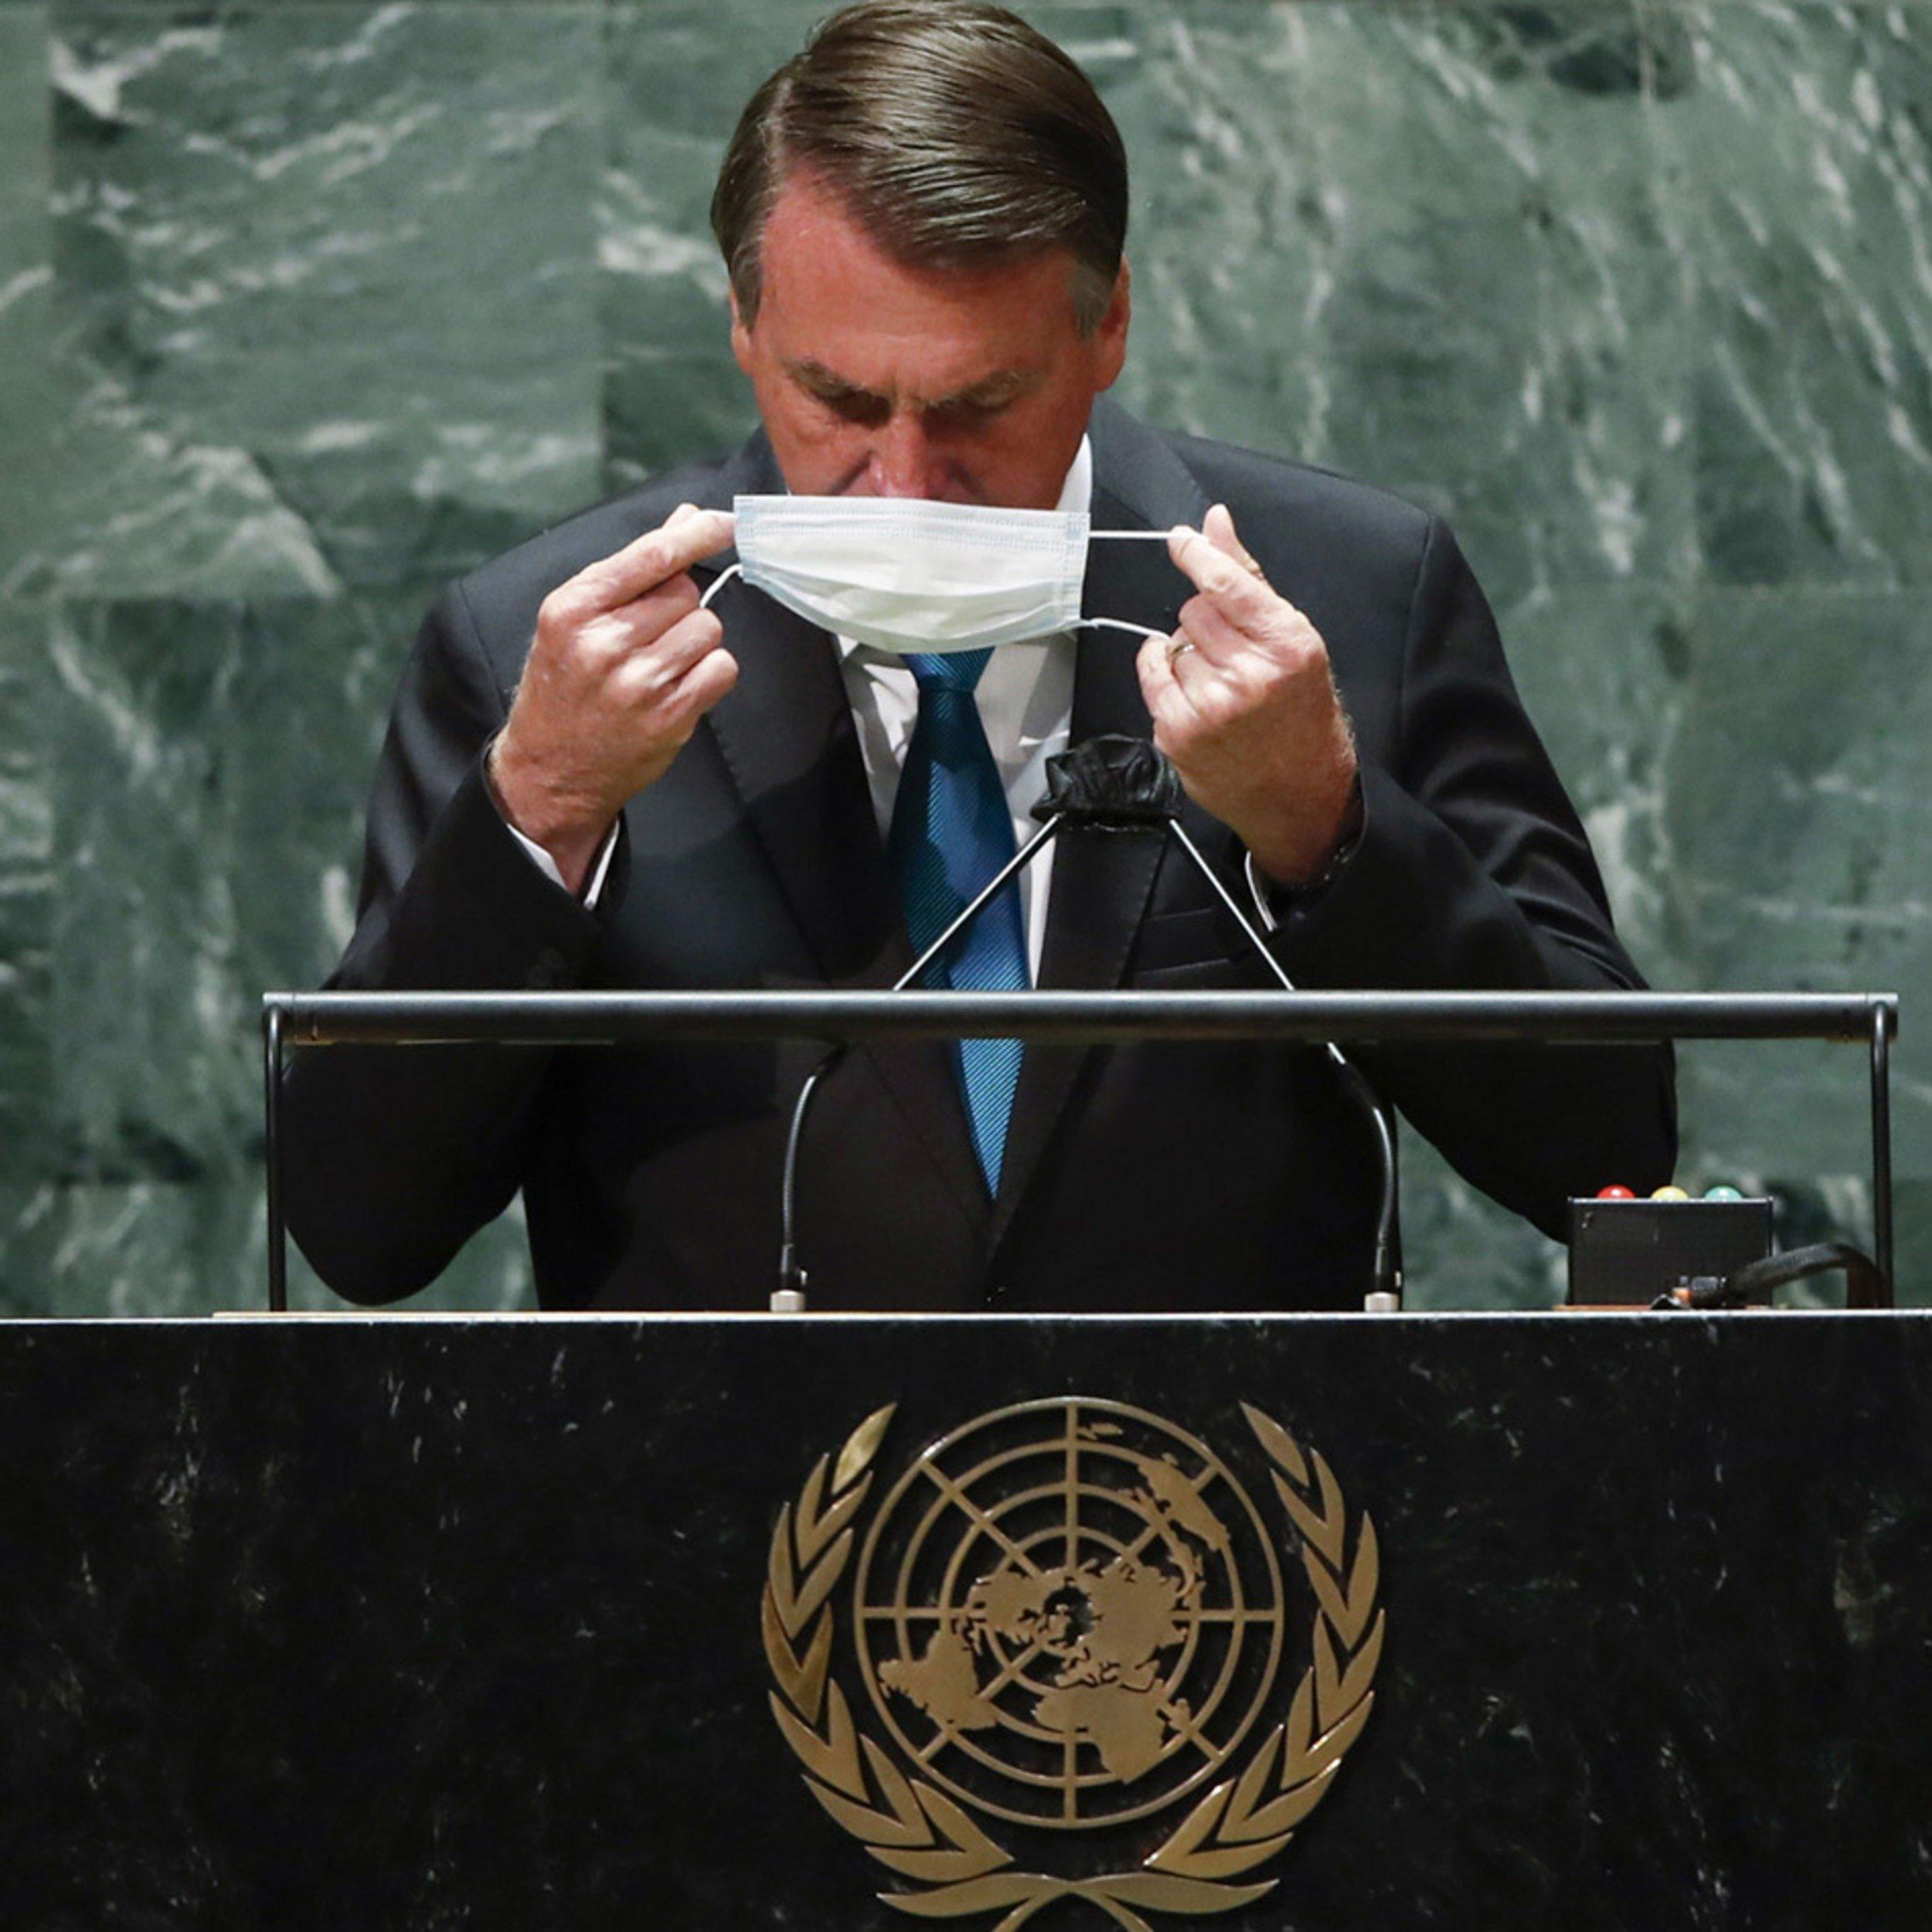 7 mentiras contadas por Bolsonaro em discurso na ONU